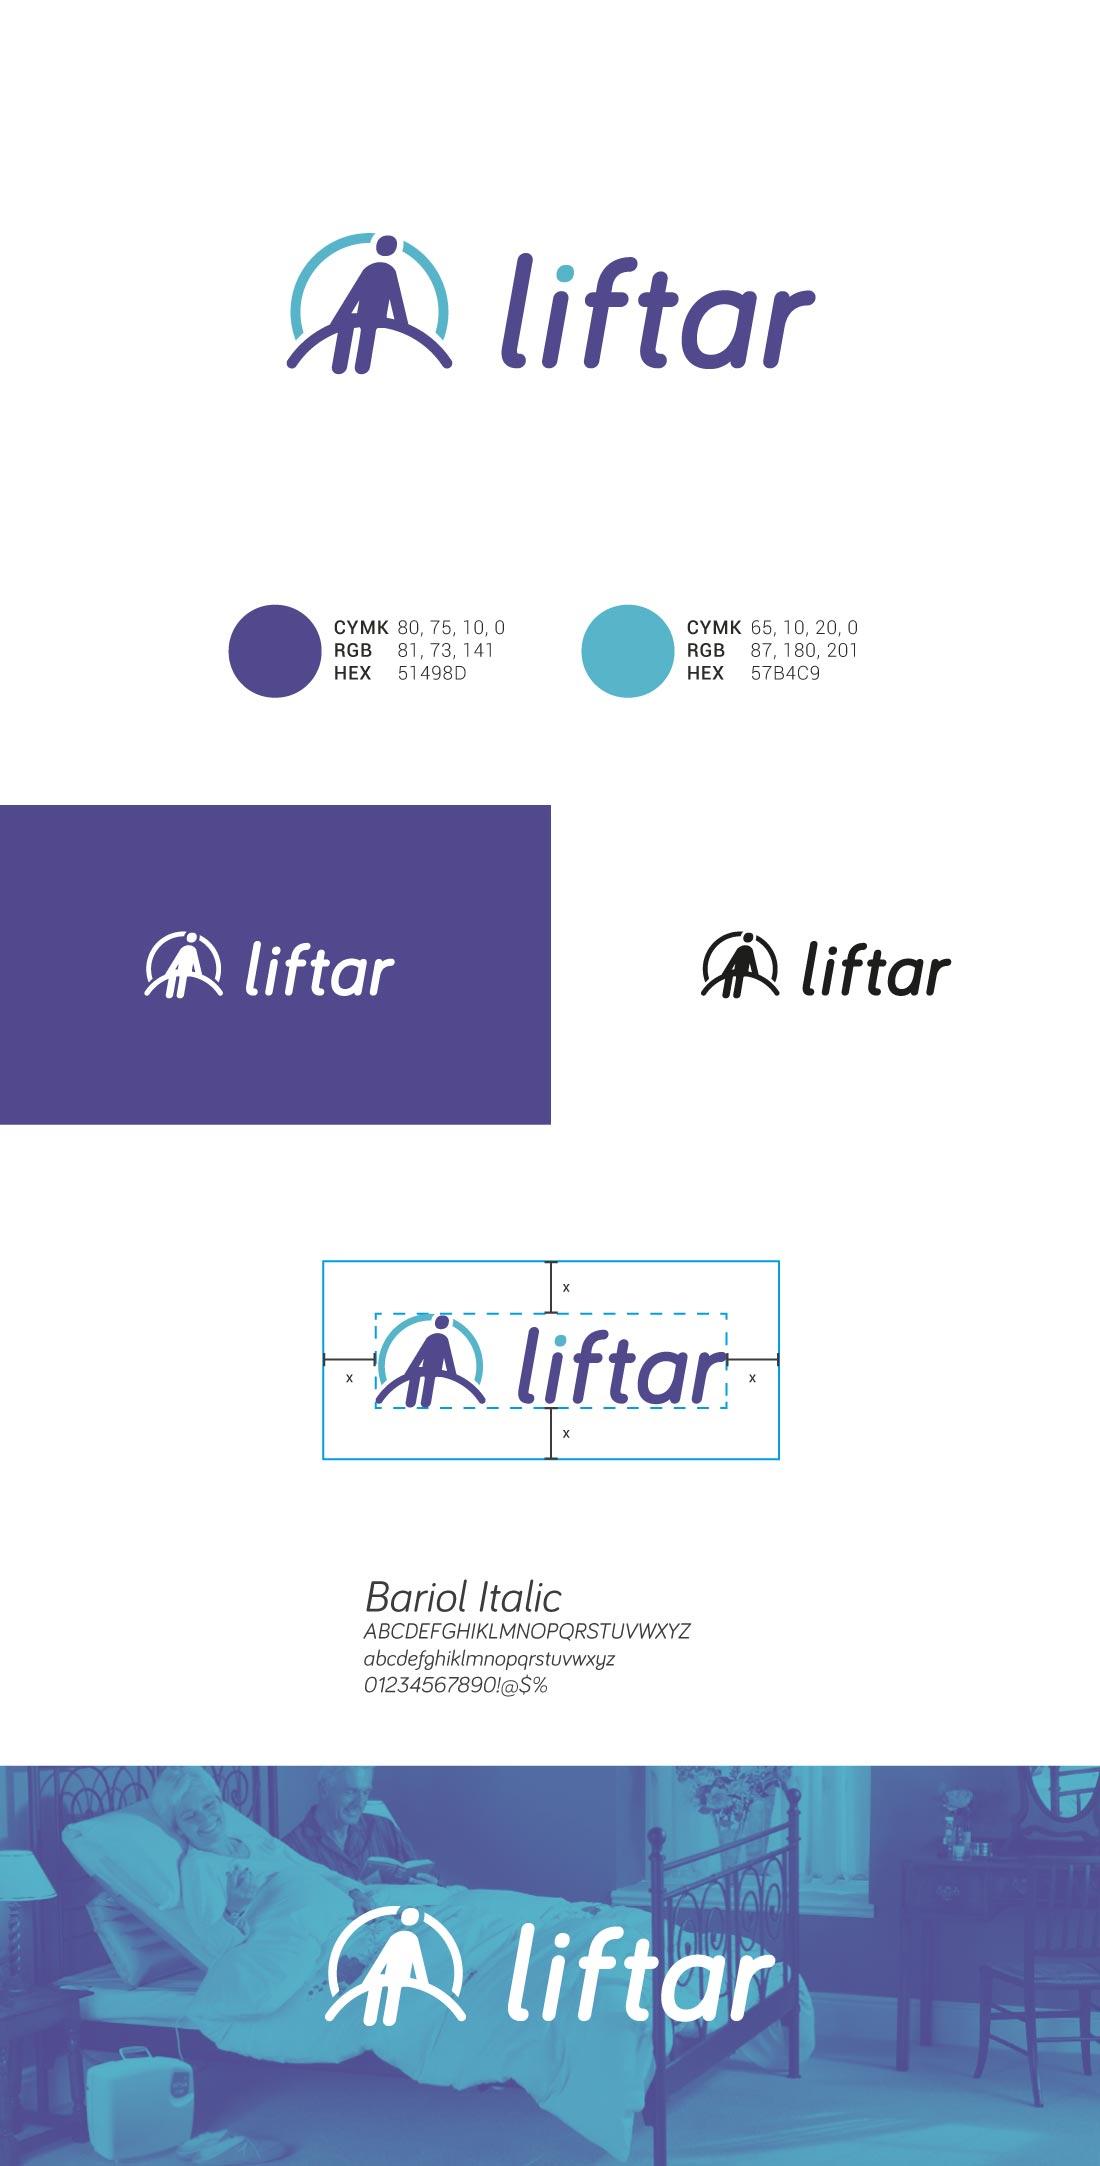 Liftar presentazione logo